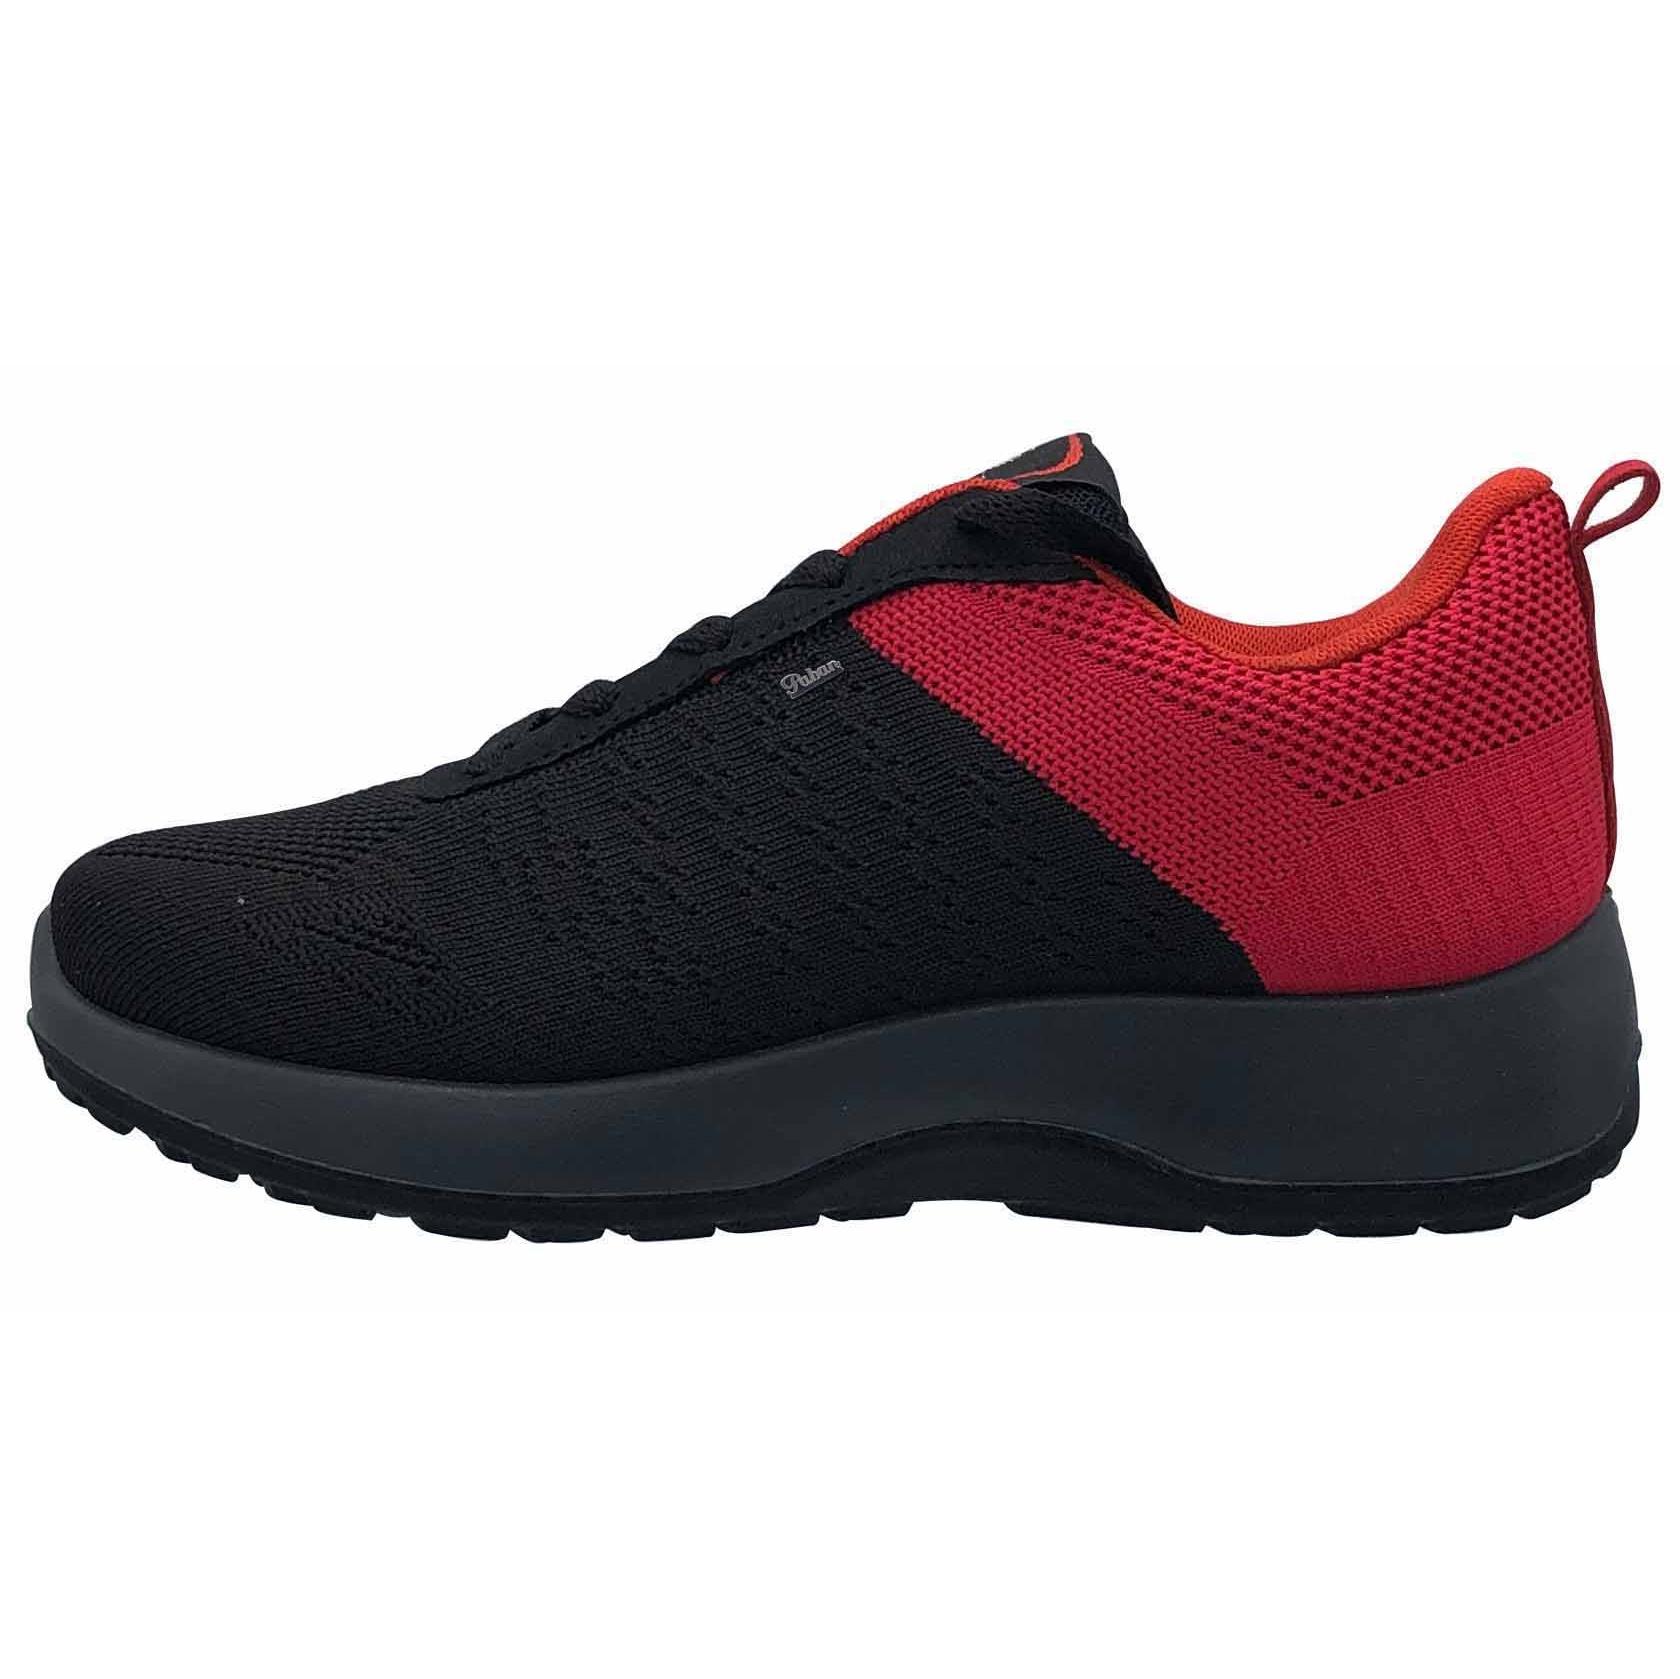 کفش مخصوص پیاده روی زنانه پابان کد Ra 212